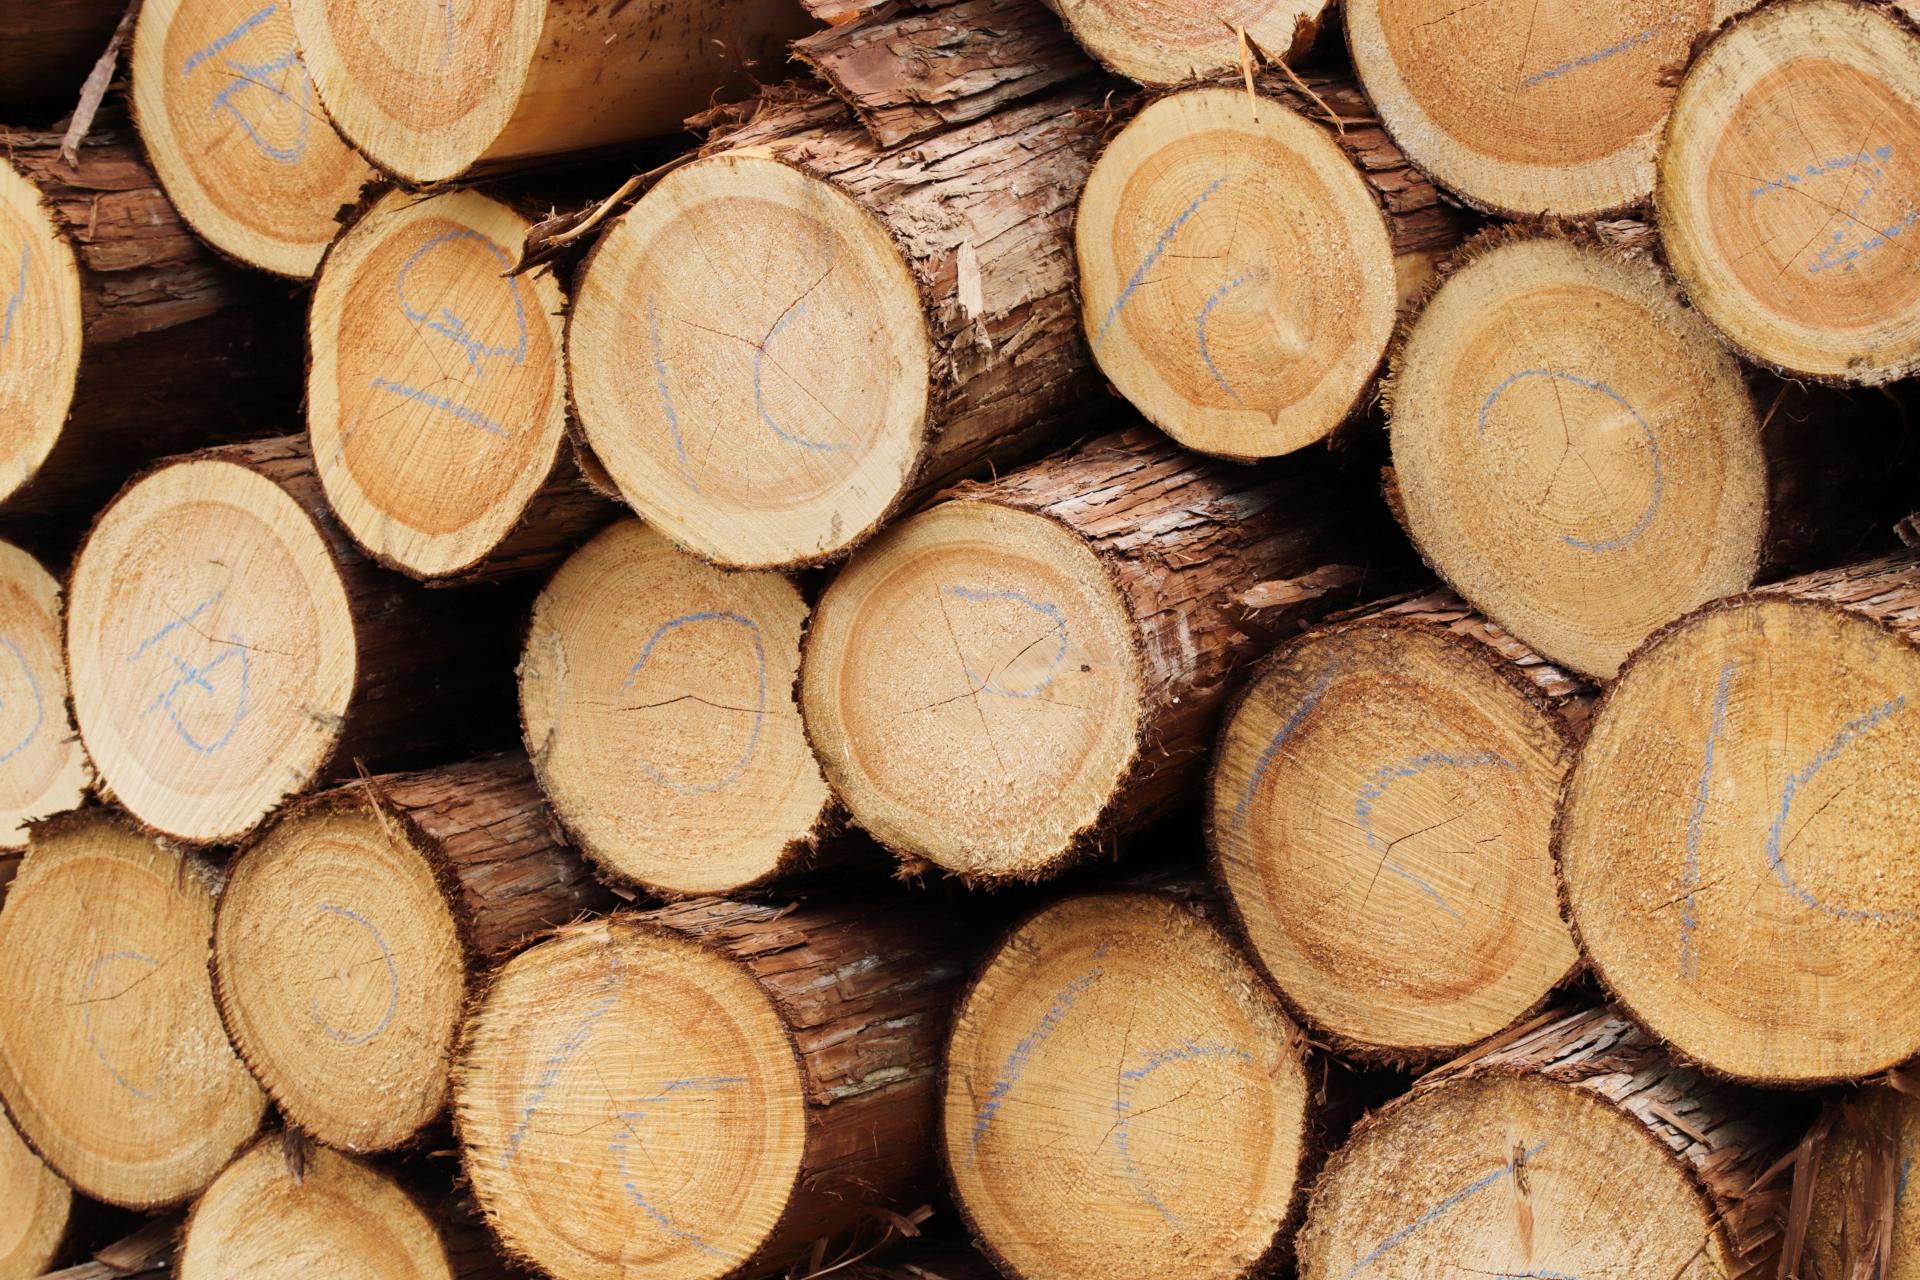 木材・木製品に関わる製造業の株式譲渡